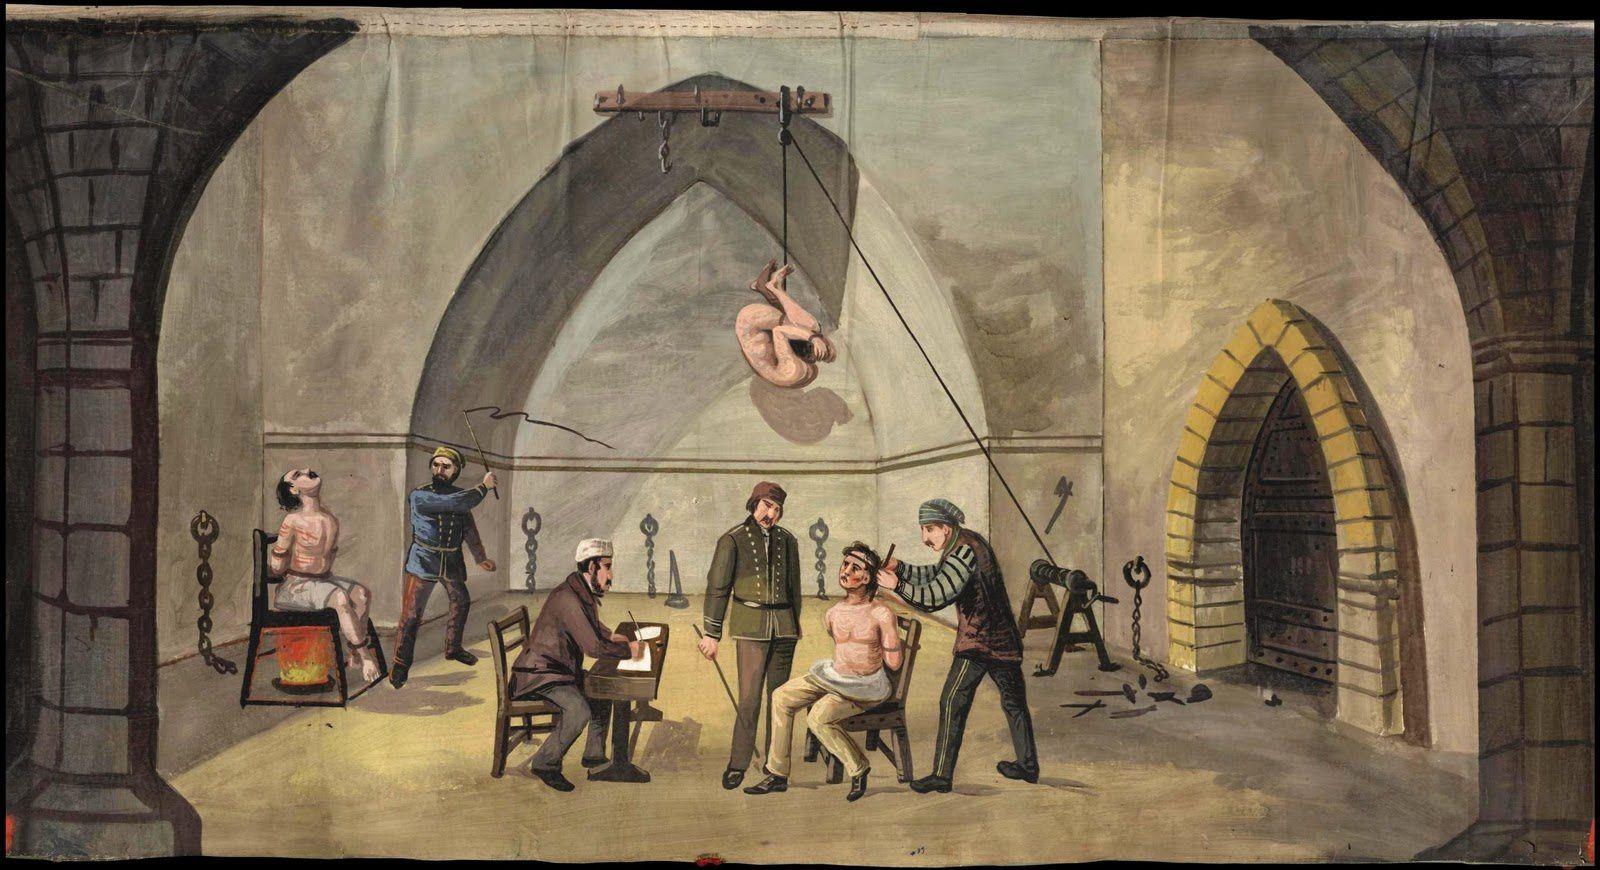 """""""La chambre des horreurs. La prison de Monreale en Sicile"""", gouache de John James Story (1827-1900), 1860 (coll. Brown University)."""